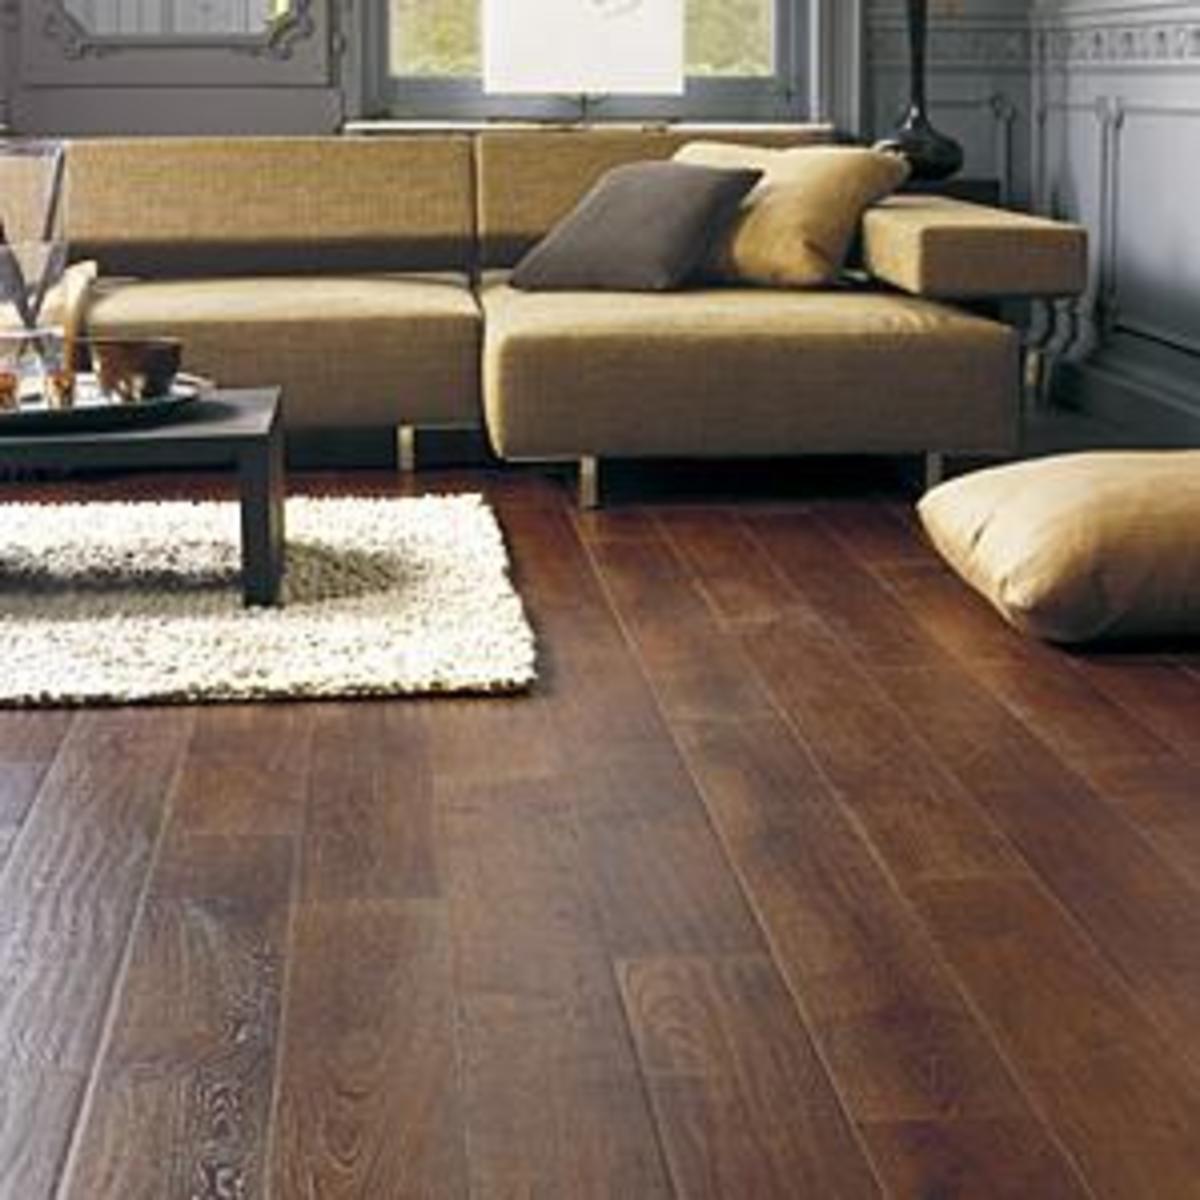 Laminate floor.